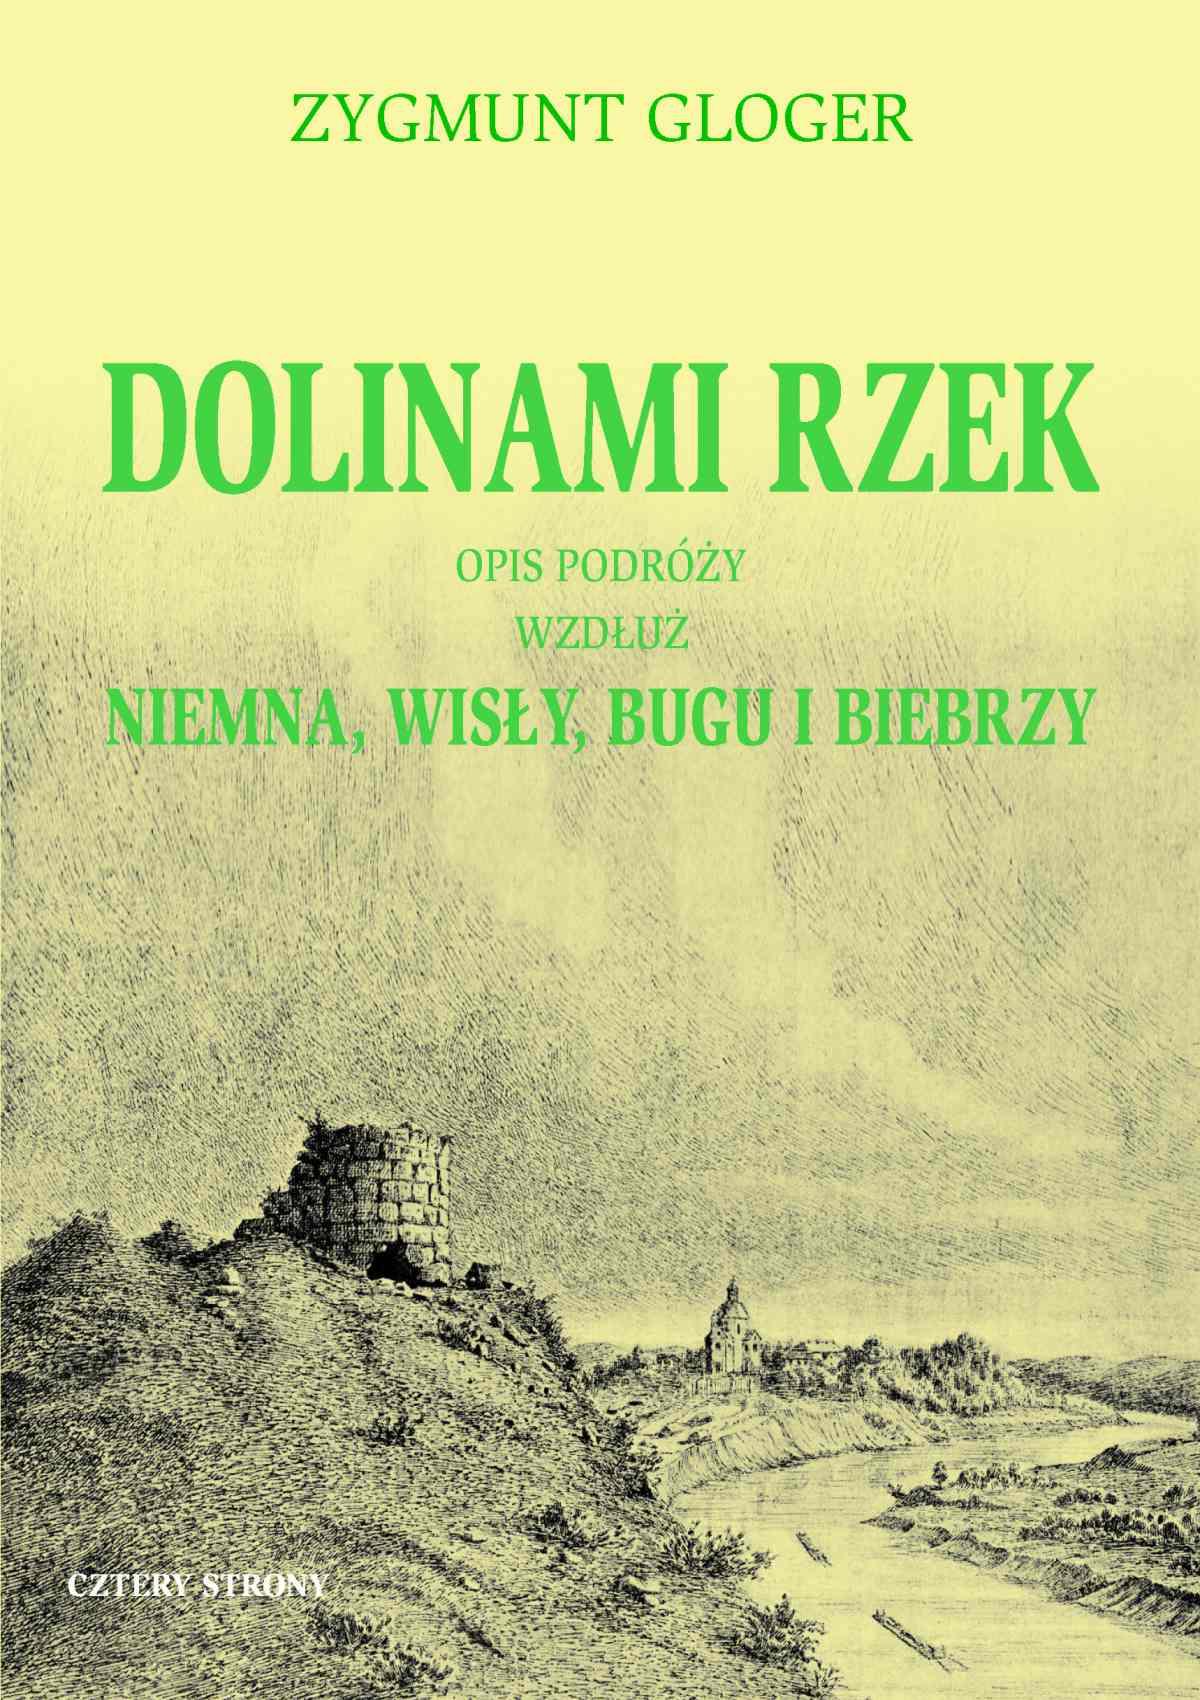 Dolinami rzek. Opis podróży wzdłuż Niemna, Wisły, Bugu i Biebrzy - Ebook (Książka EPUB) do pobrania w formacie EPUB